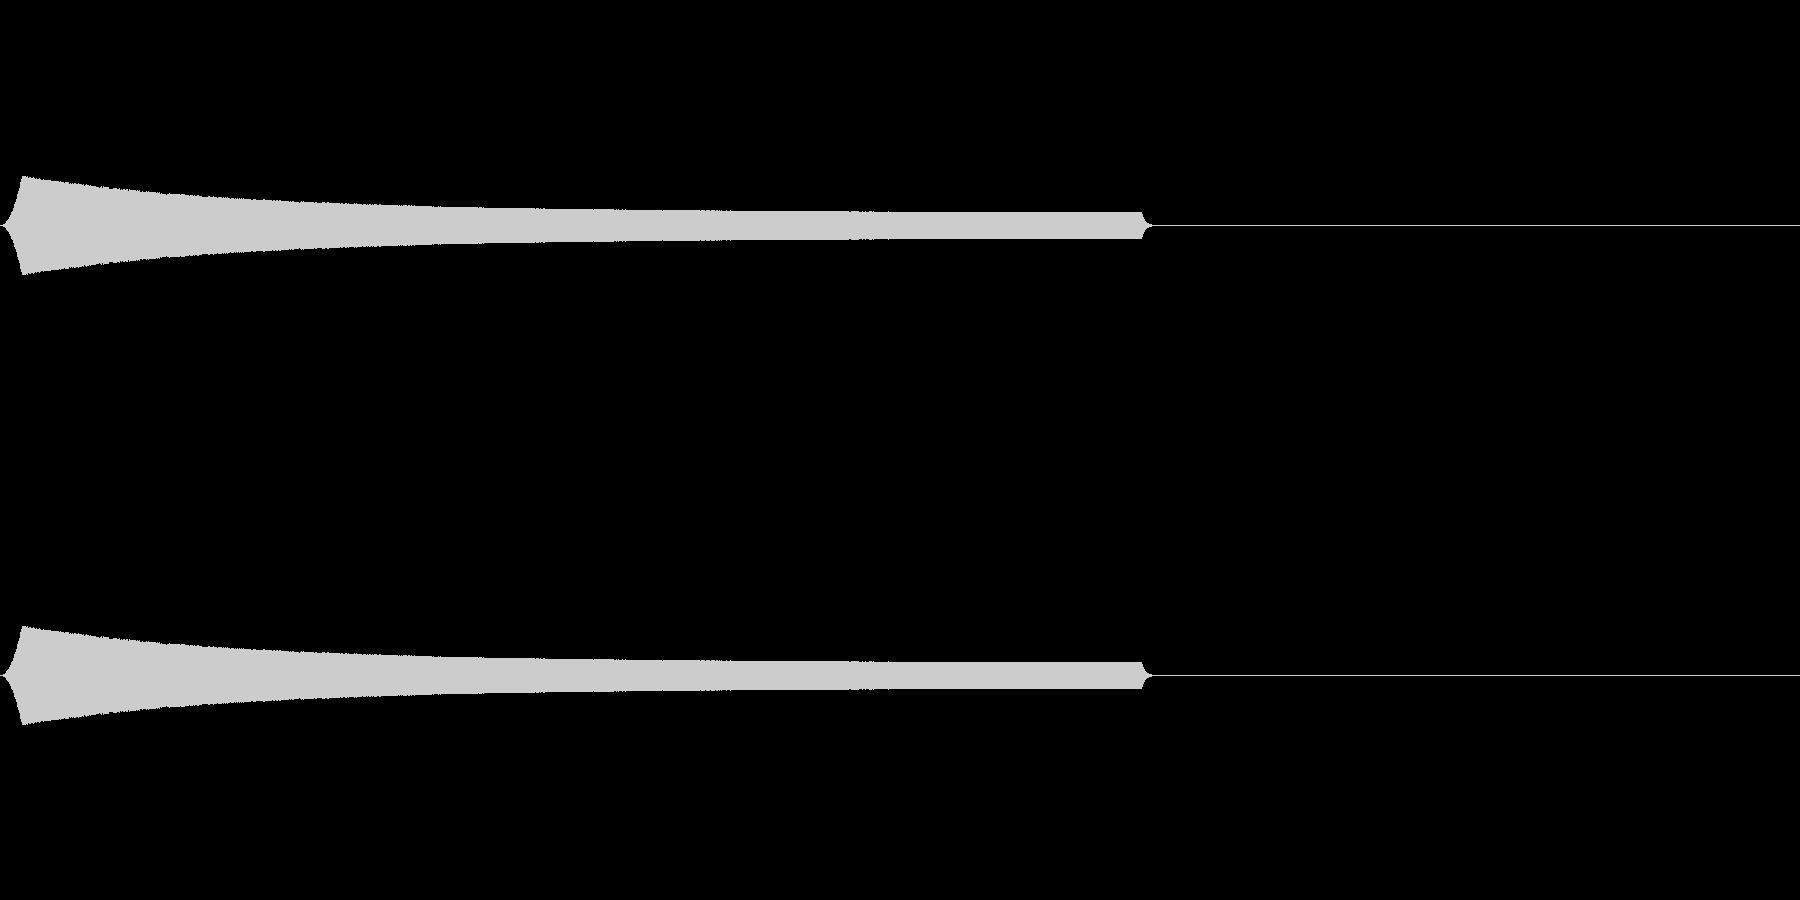 ぴゅーん(動画の冒頭に適したポップな音)の未再生の波形